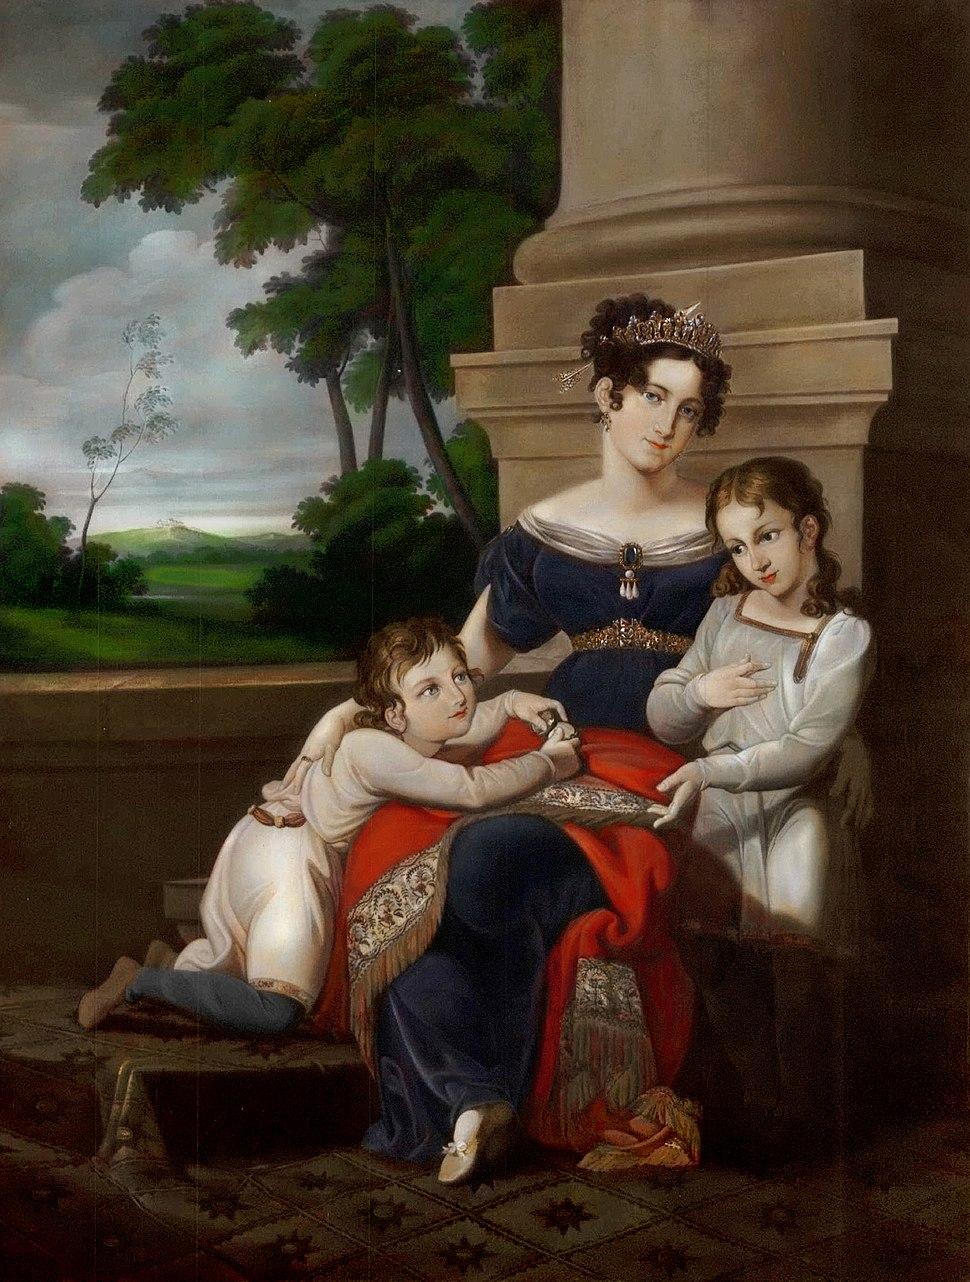 Louise of Saxe-Gotha-Altenburg, duchess of Saxe-Coburg and Gotha, with her children